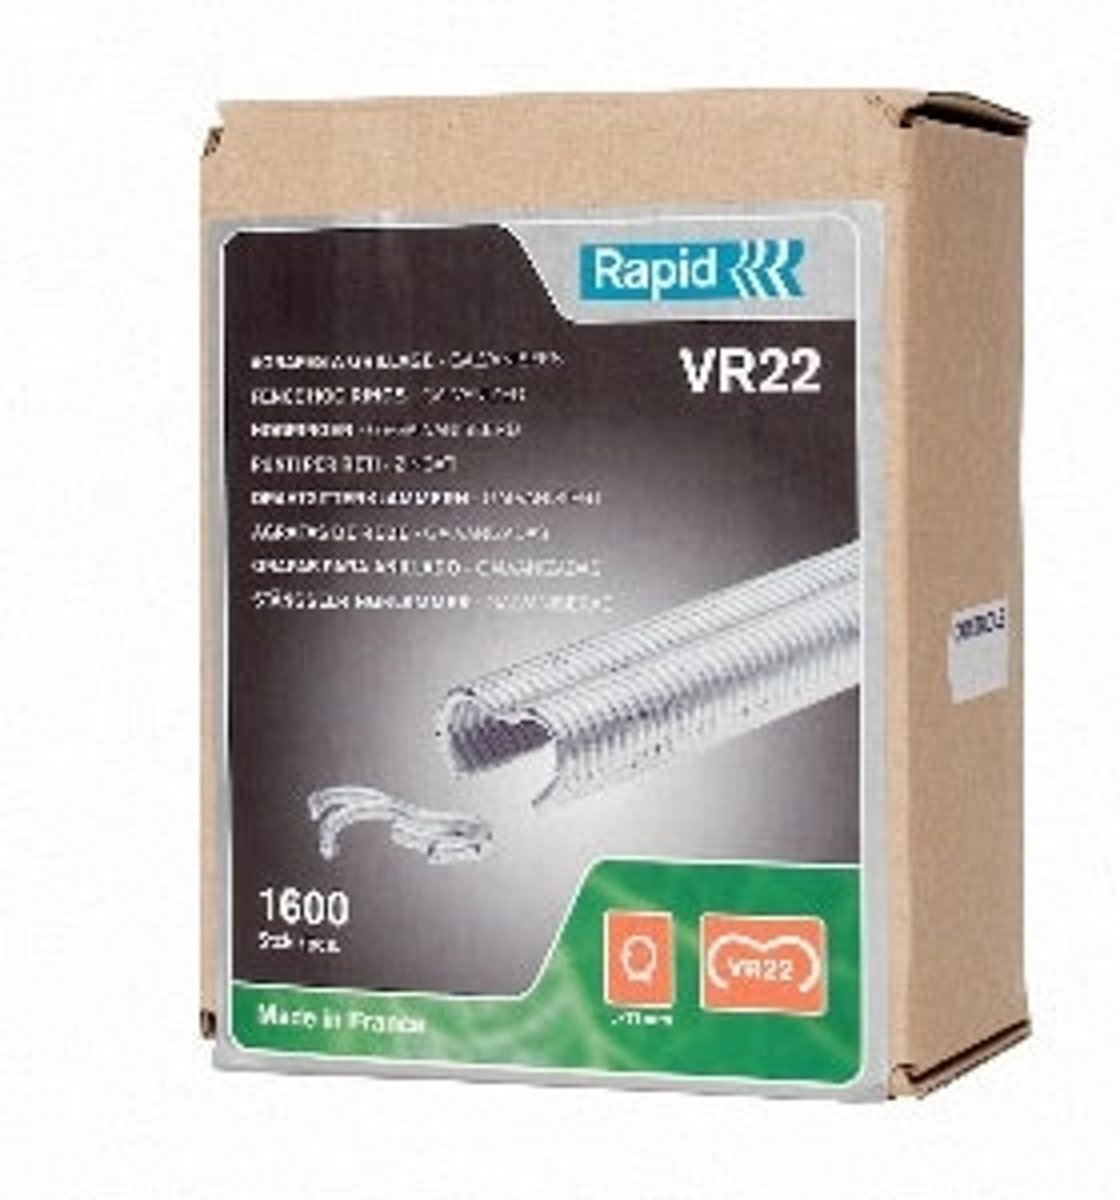 1600x Rapid VR22 Hekwerkringen 5-11mm gegalvaniseerd kopen